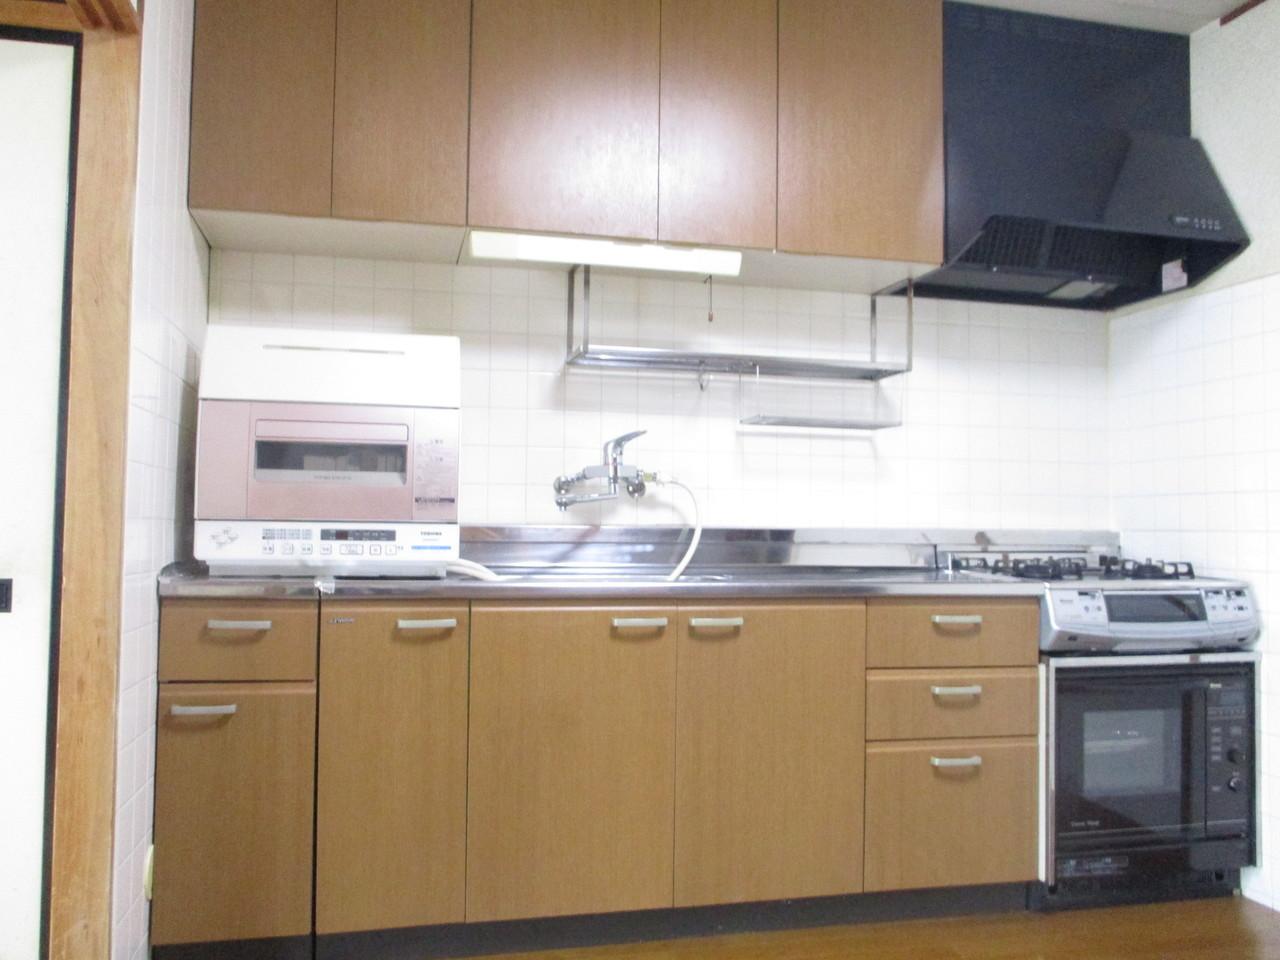 とてもきれいなキッチンで、収納もたくさんあります。